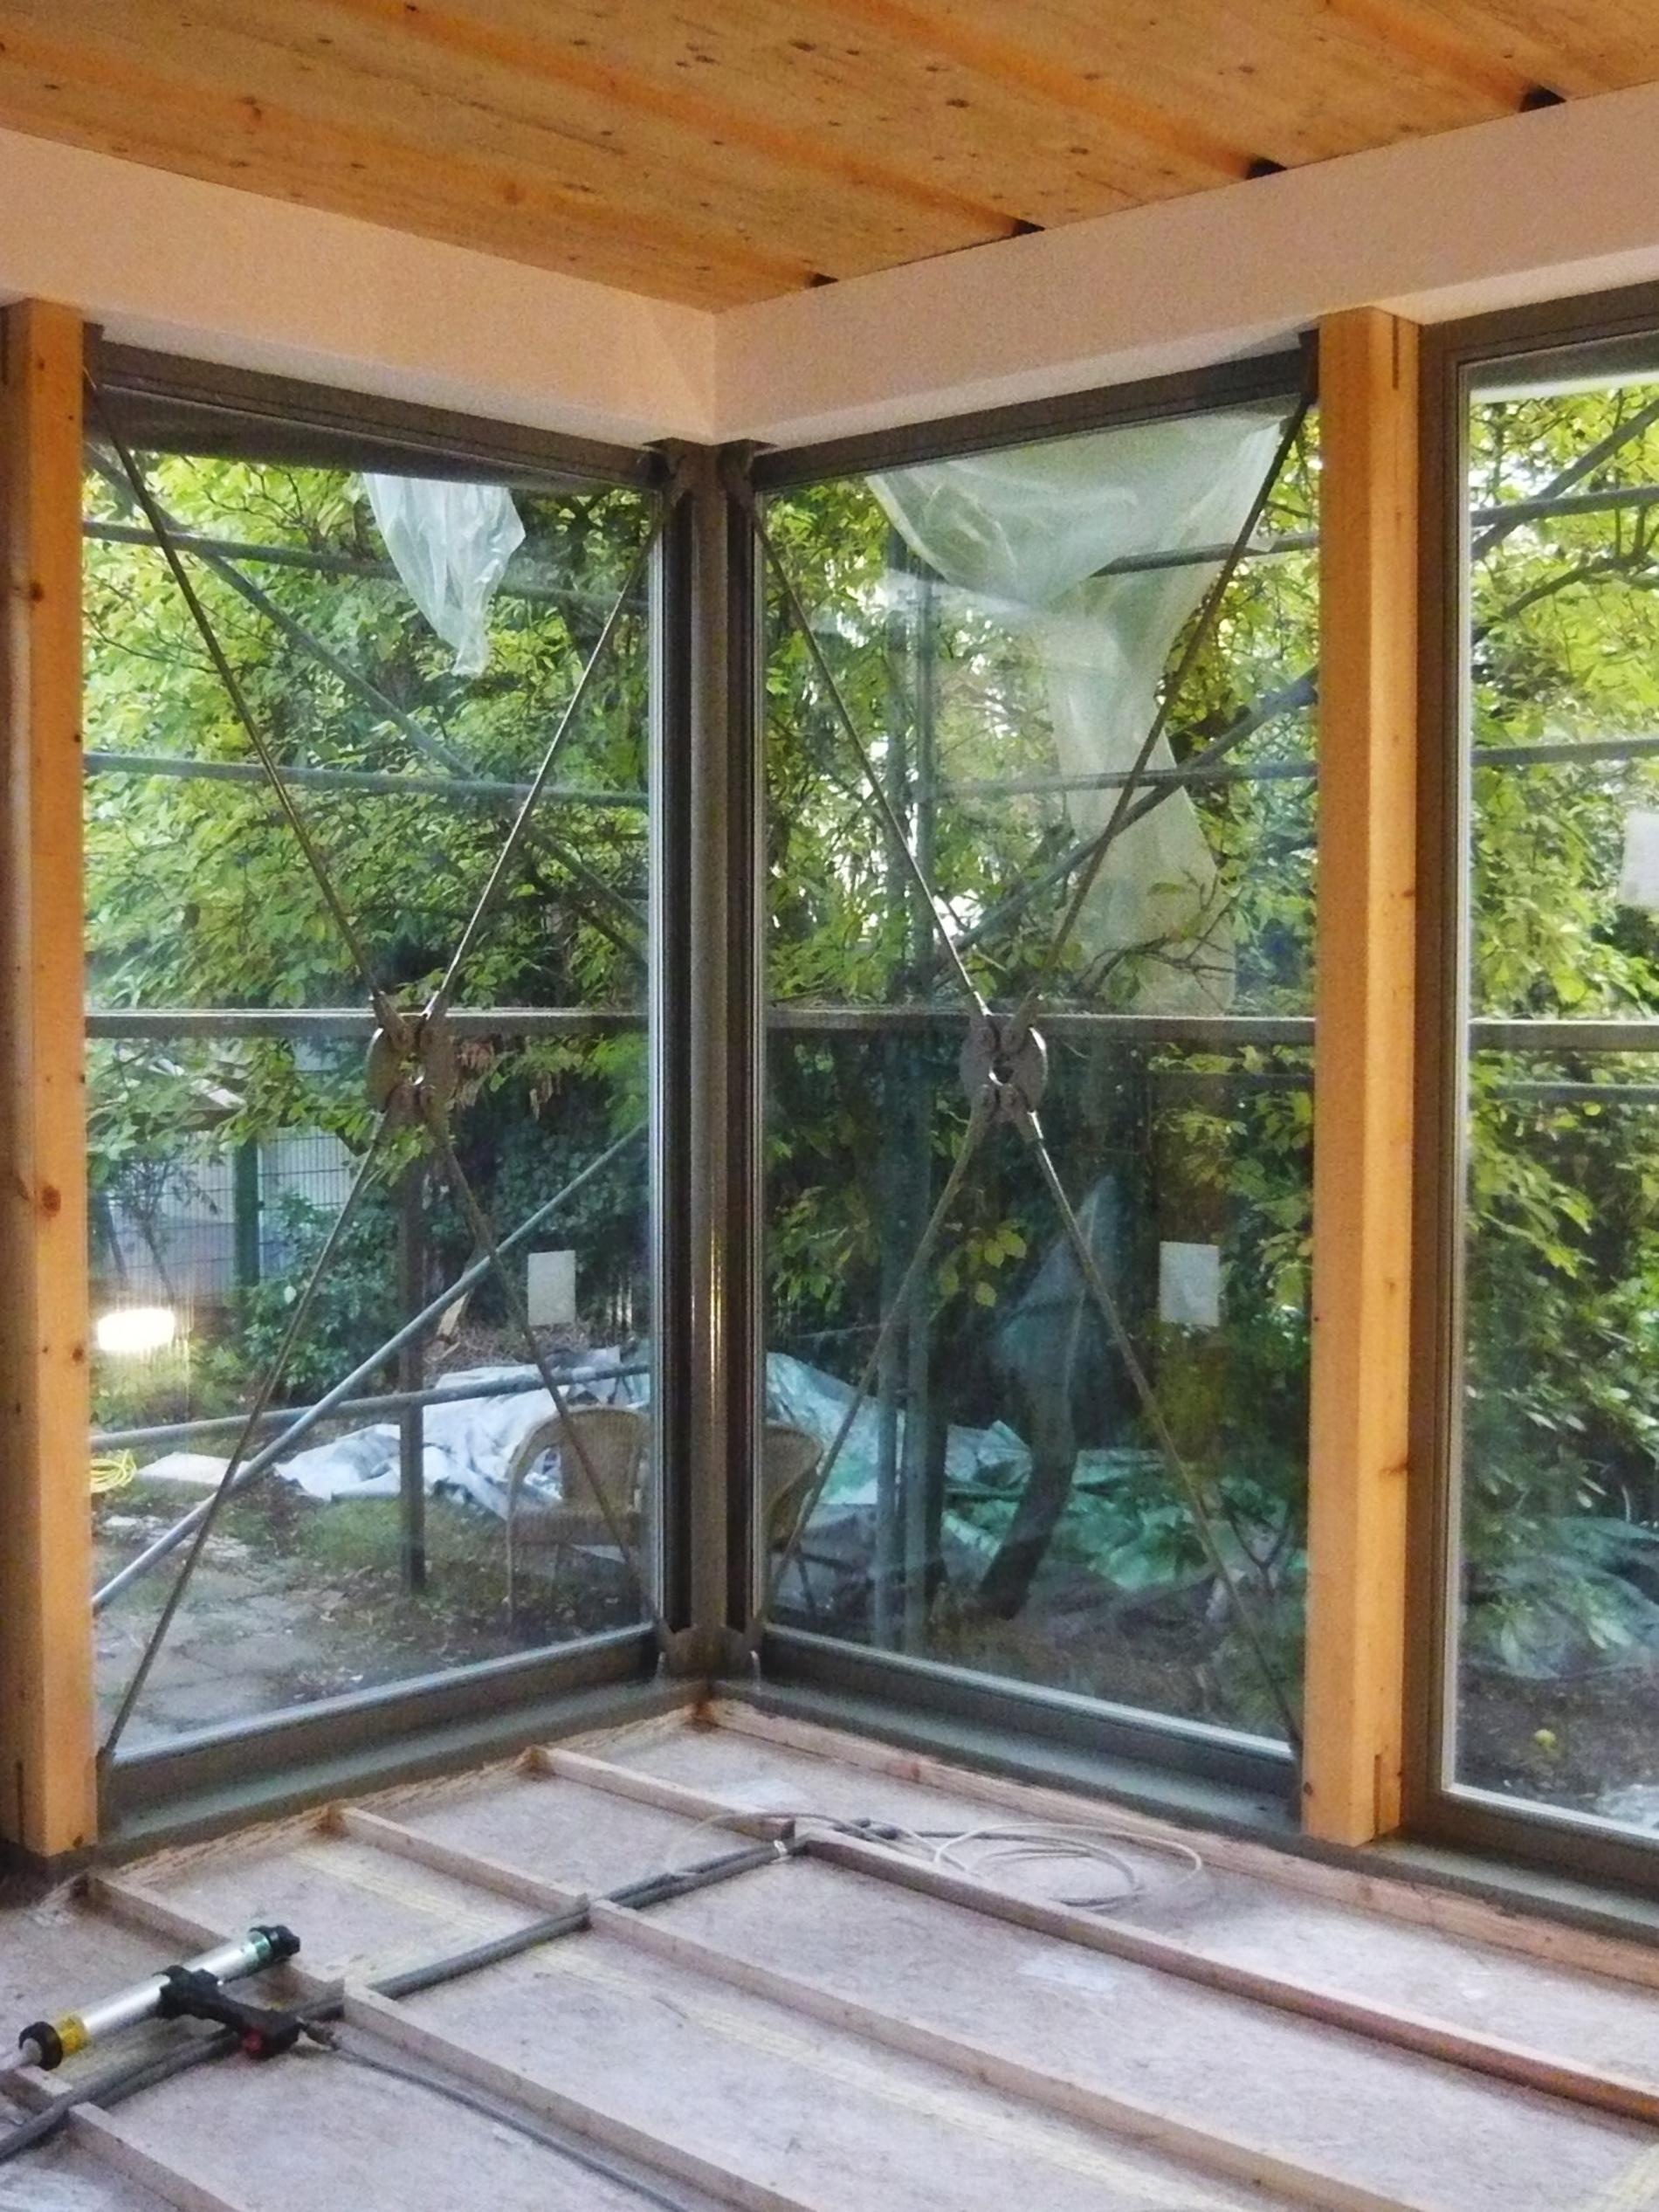 Hinterhaus Fensterkonstruktion